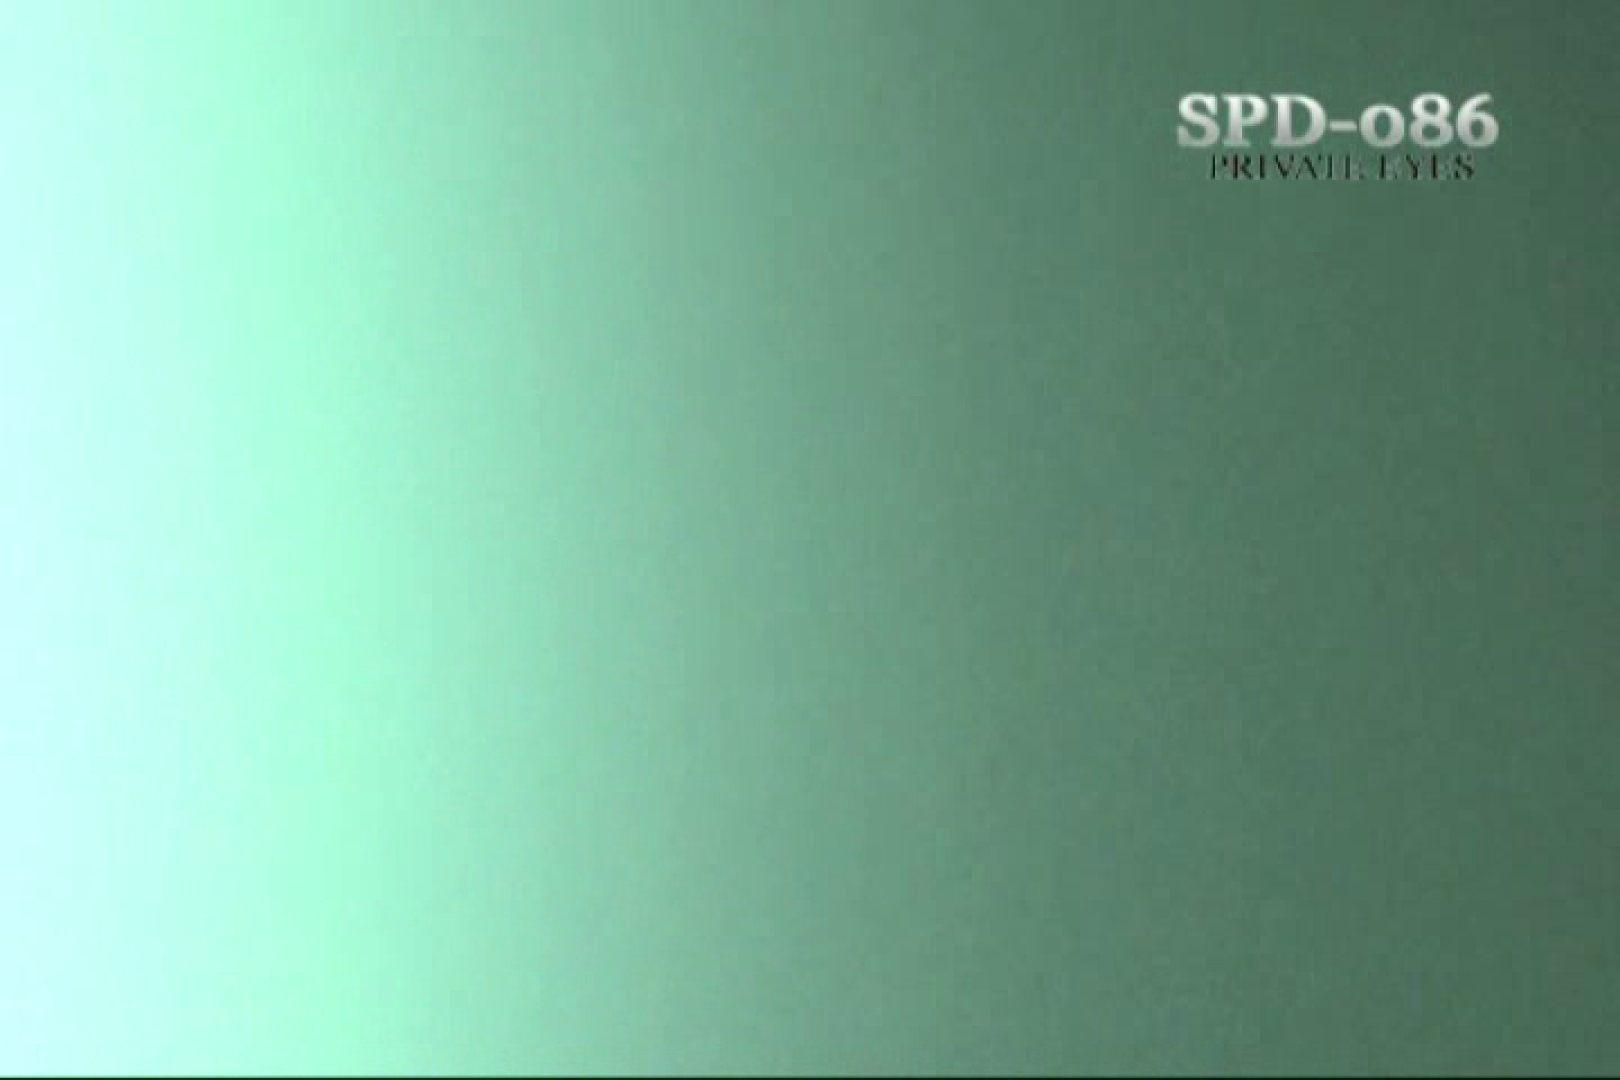 高画質版!SPD-086 盗撮・厠の隙間 3 ~厠盗撮に革命前代未分の映像~ 厠・・・ アダルト動画キャプチャ 97PIX 42